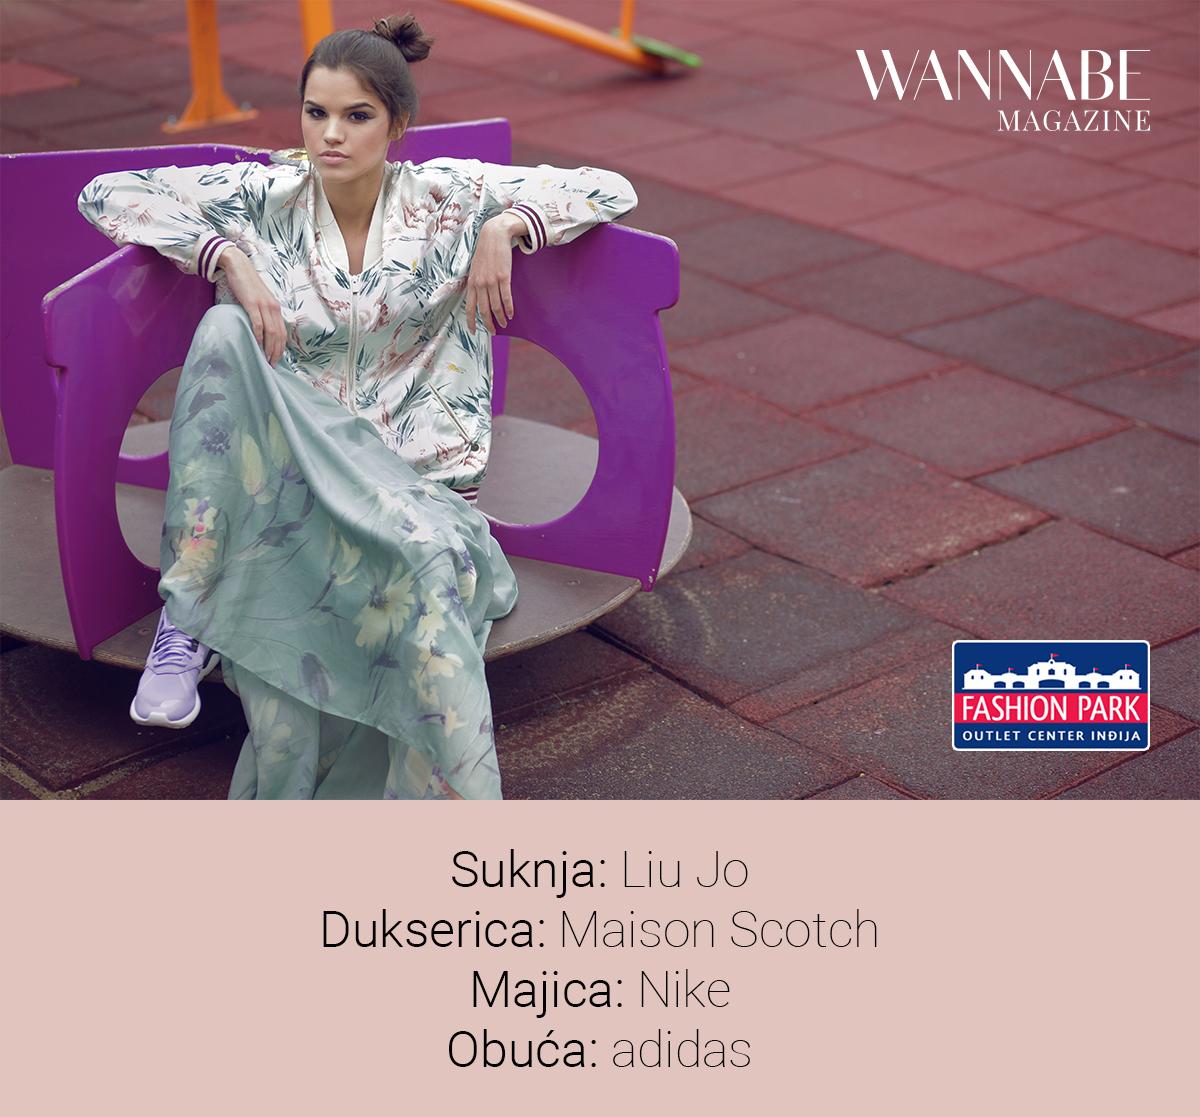 Wannabe Editorijal Maj W1200 6 Wannabe editorijal: Fashion Park